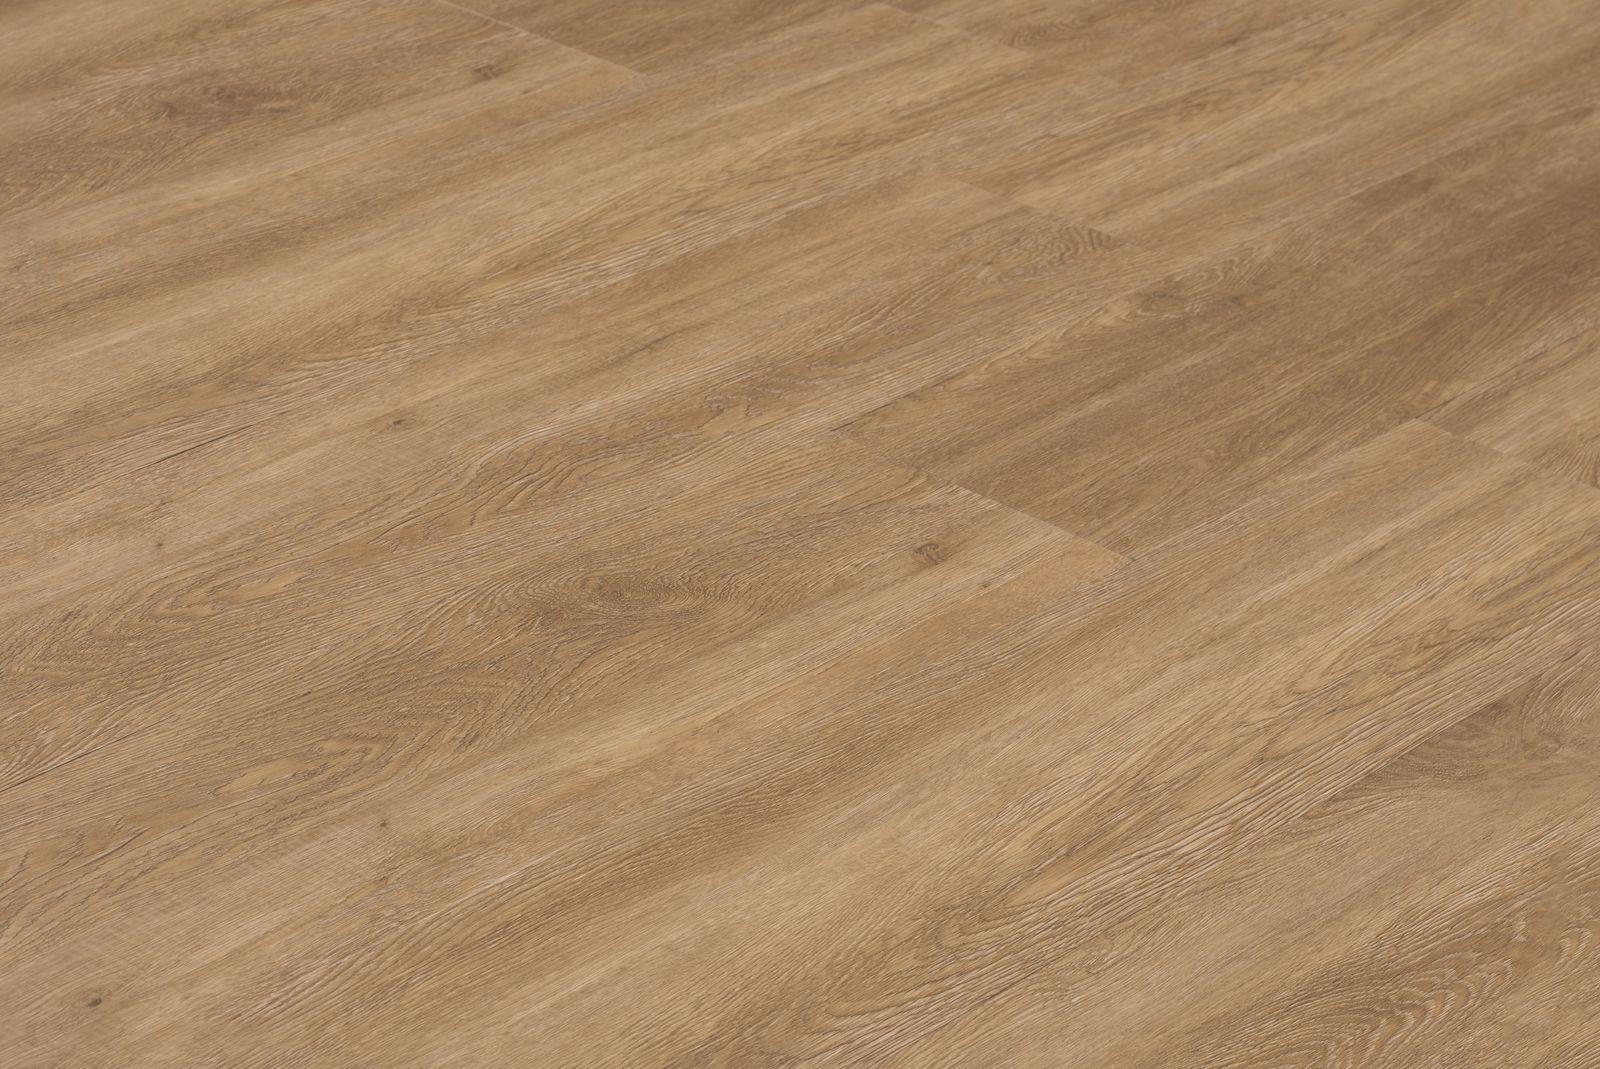 Floer stroken pvc vloer planken hoorn donker bruin eiken breed